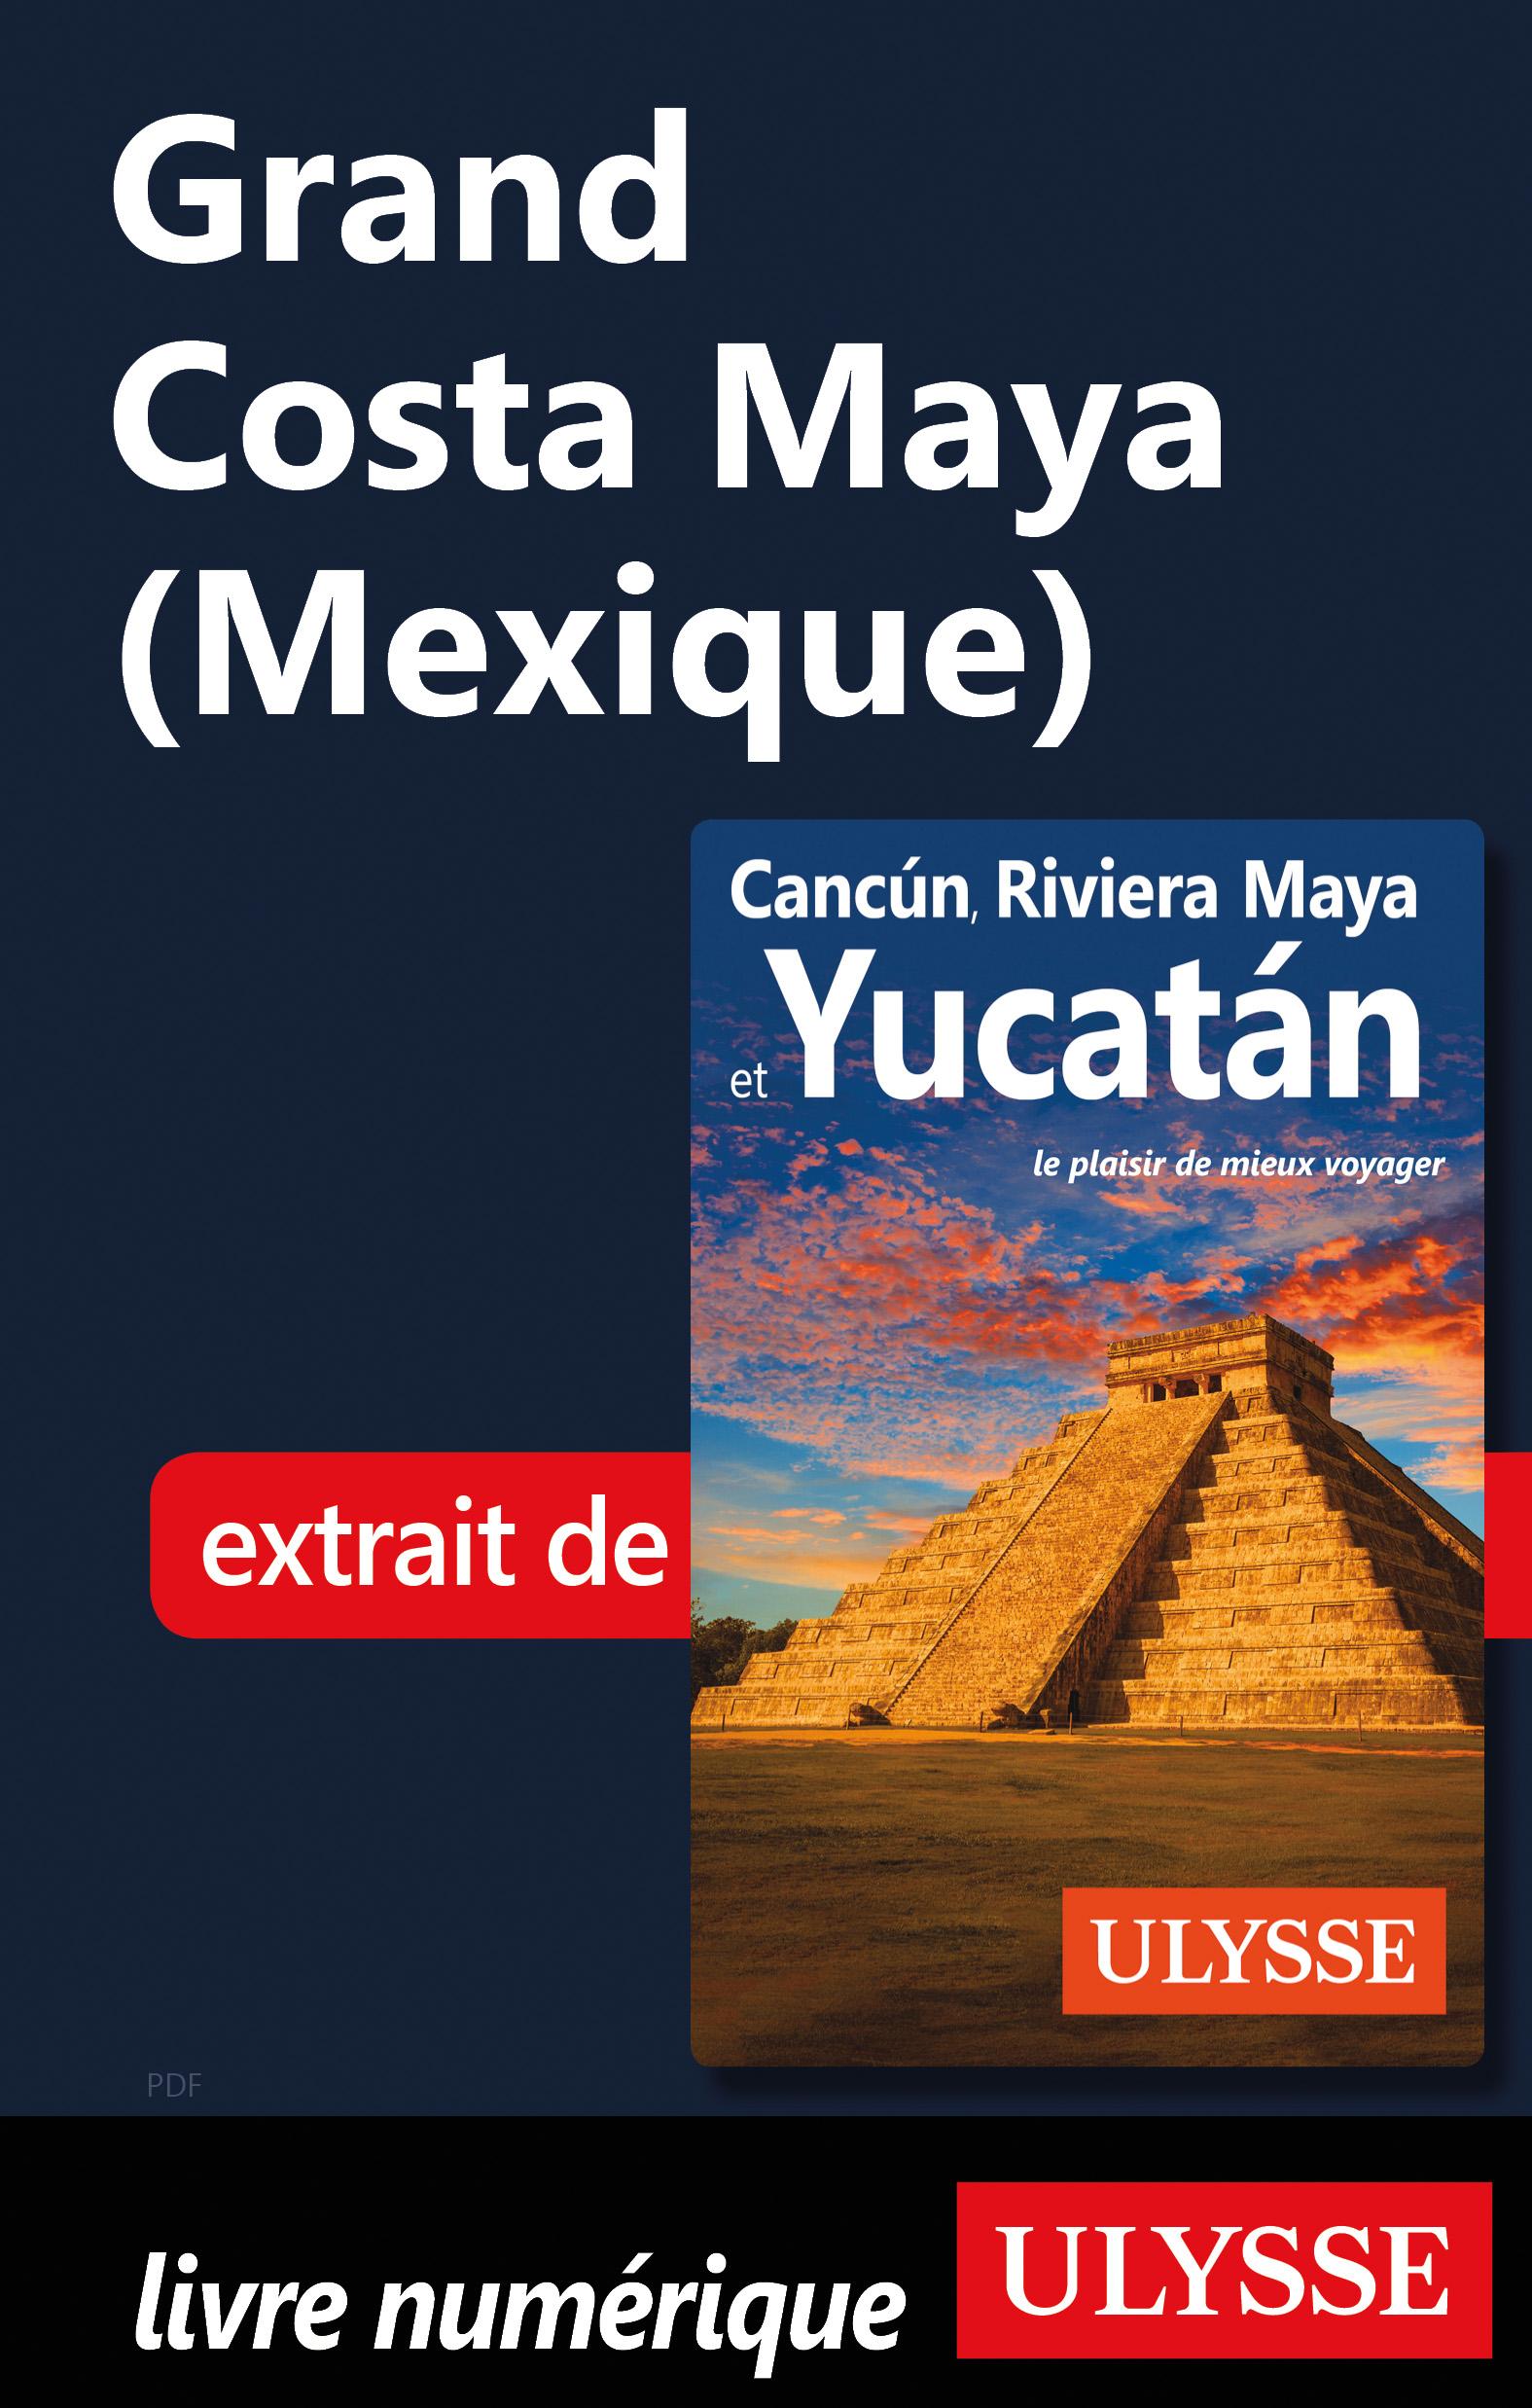 Grand CostaMaya (Mexique)